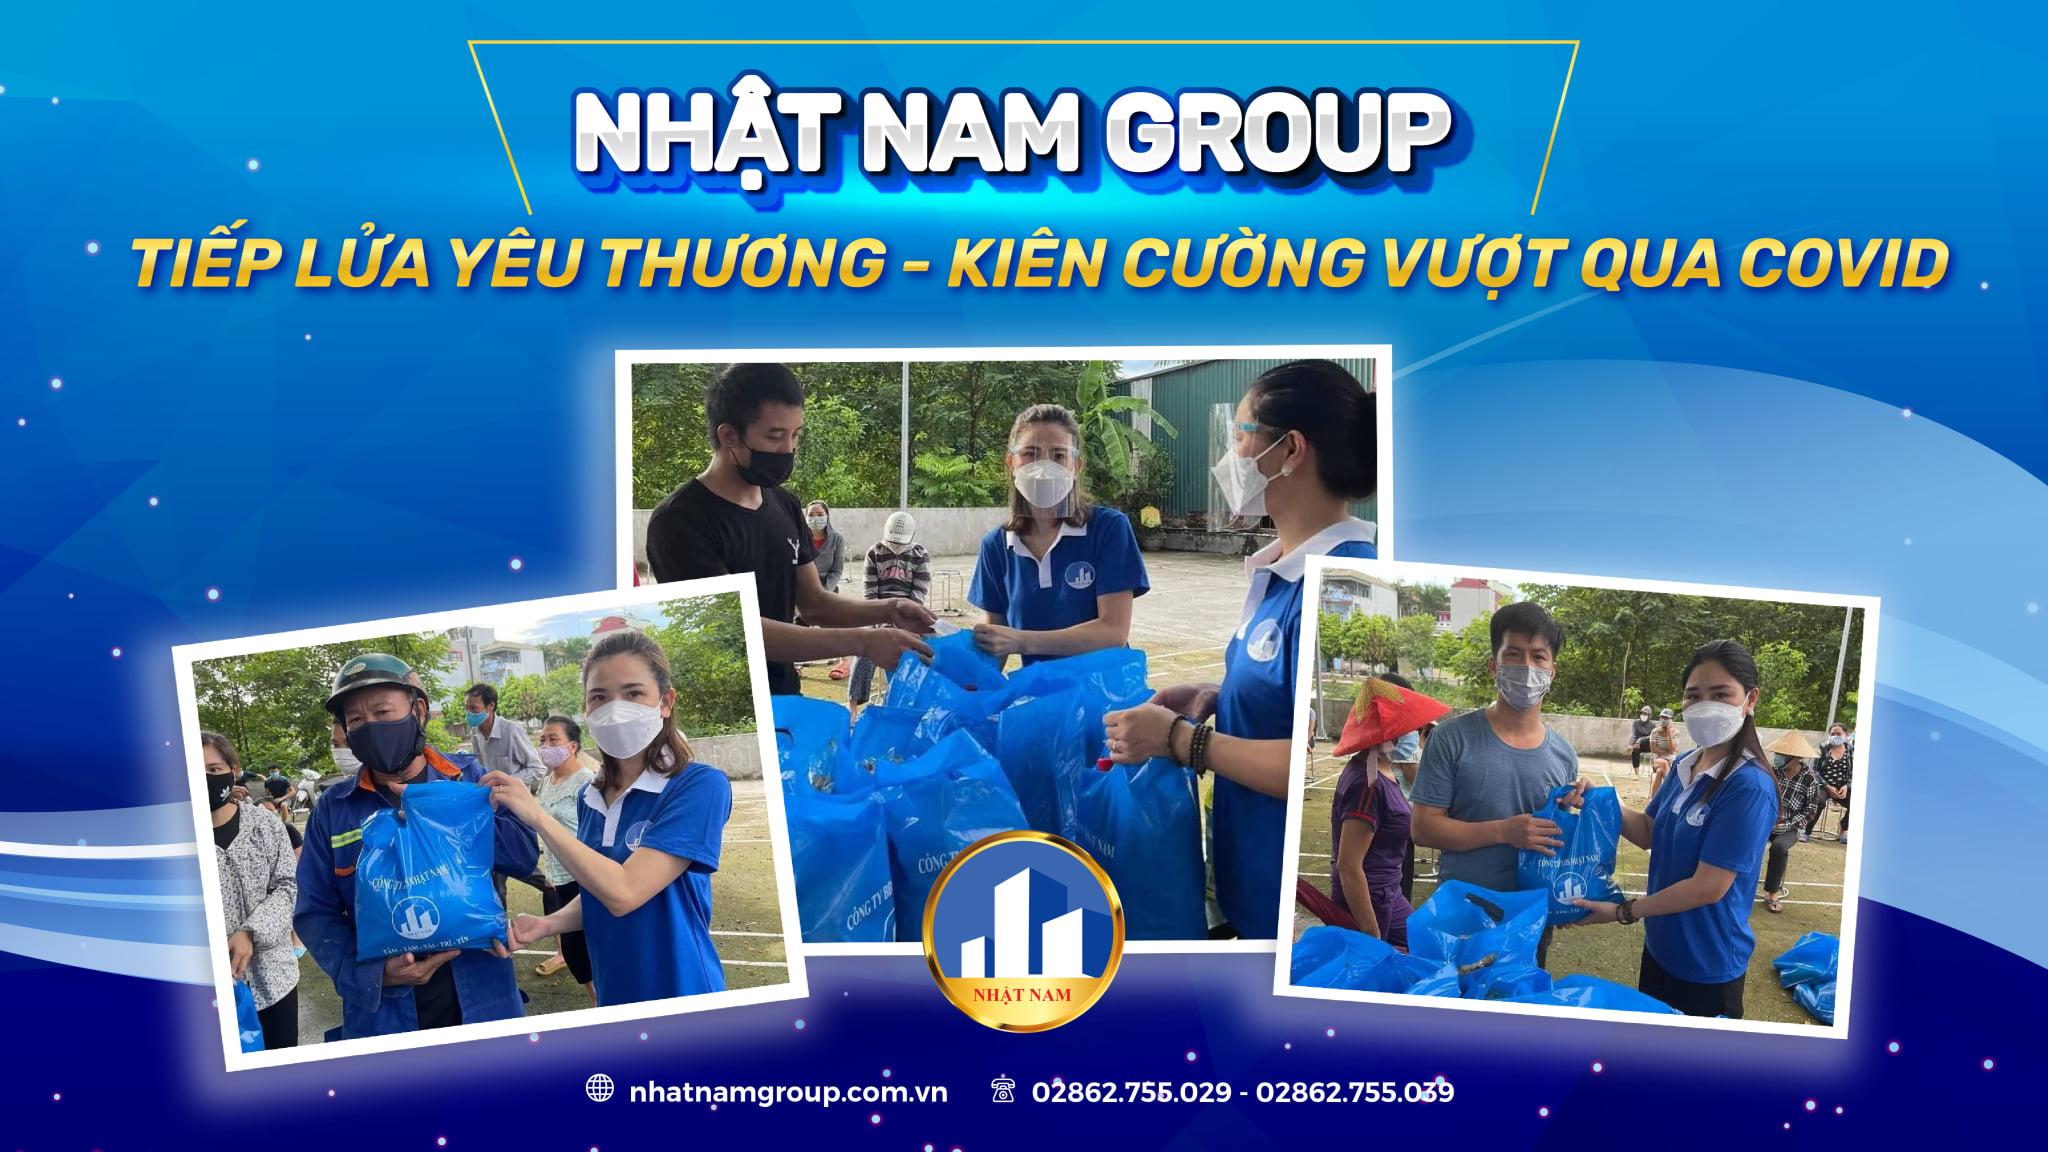 Nhật Nam Group đồng hành cùng cộng đồng vượt qua Covid